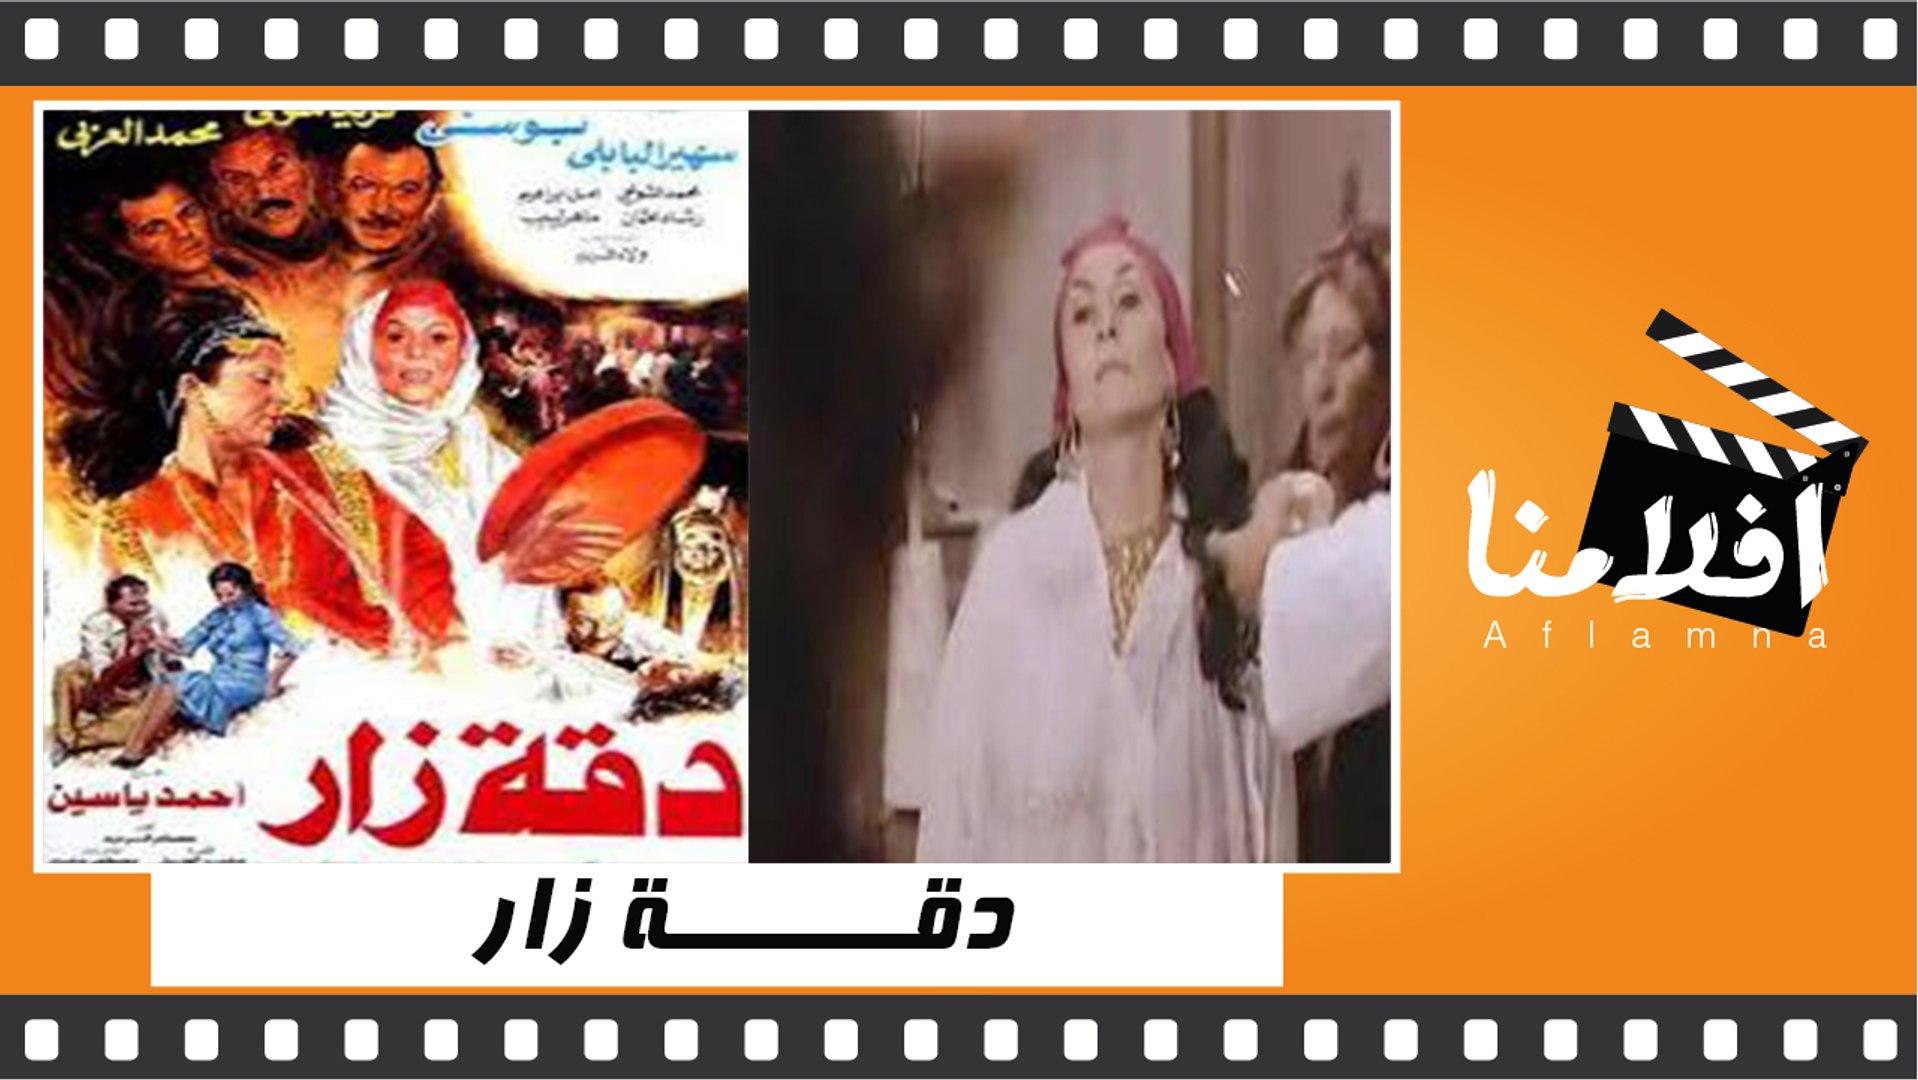 الفيلم العربي دقة ذار بطولة فريد شوقي وسهير البابلي وعزت